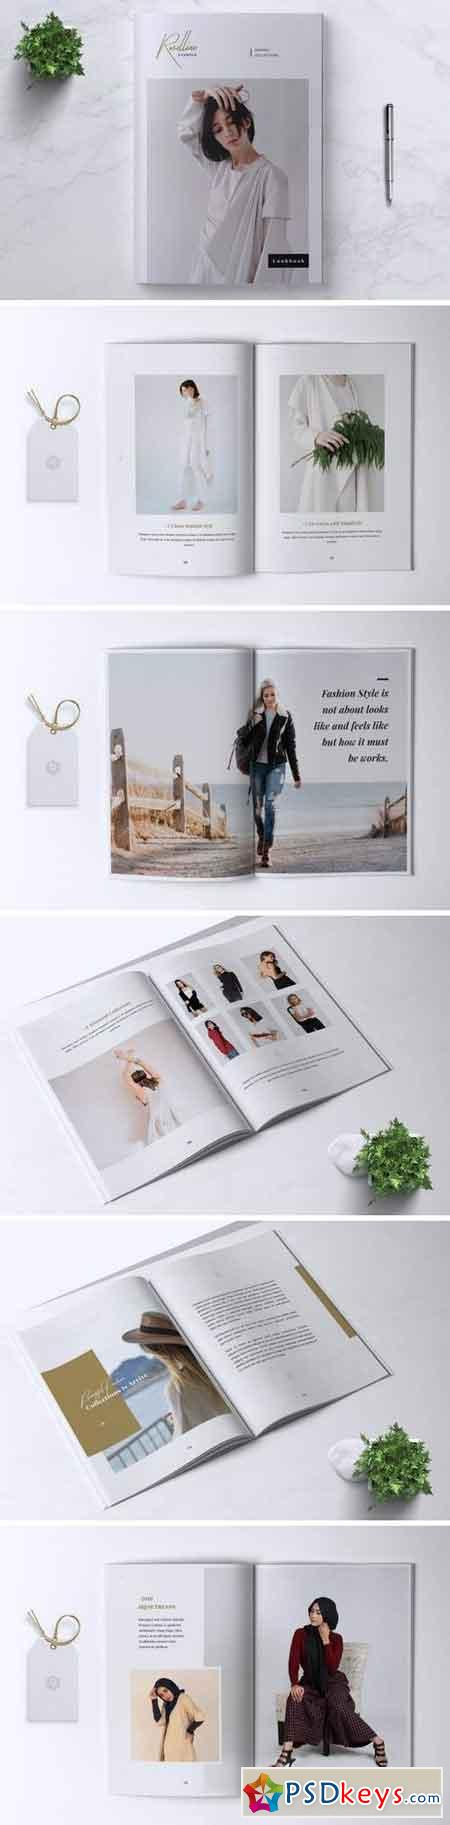 ROSELLINE Minimal Lookbook Fashion